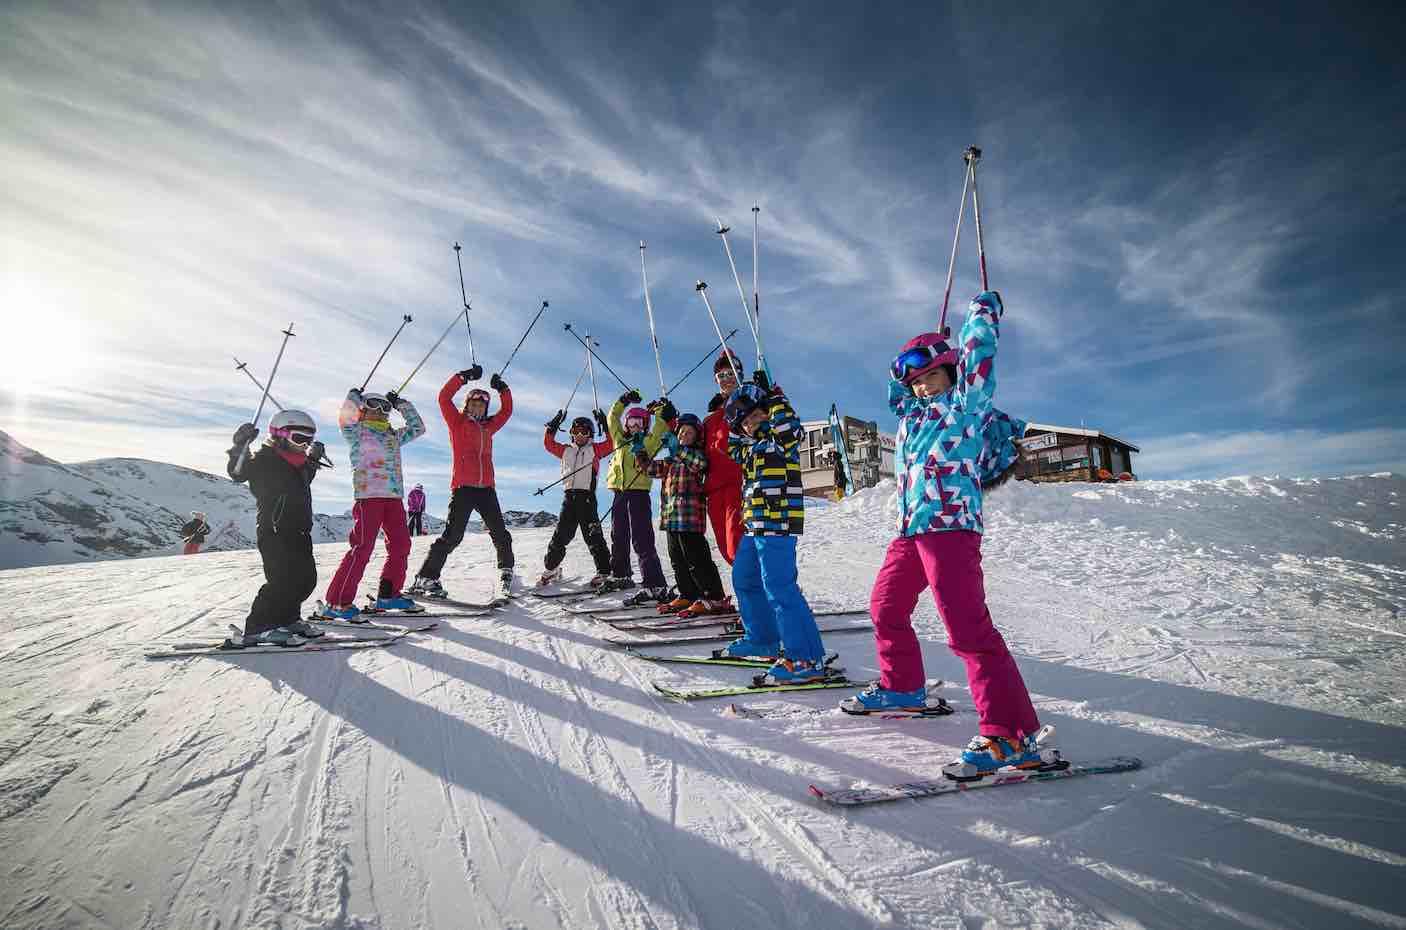 Les enfants partent skier dans les alpes